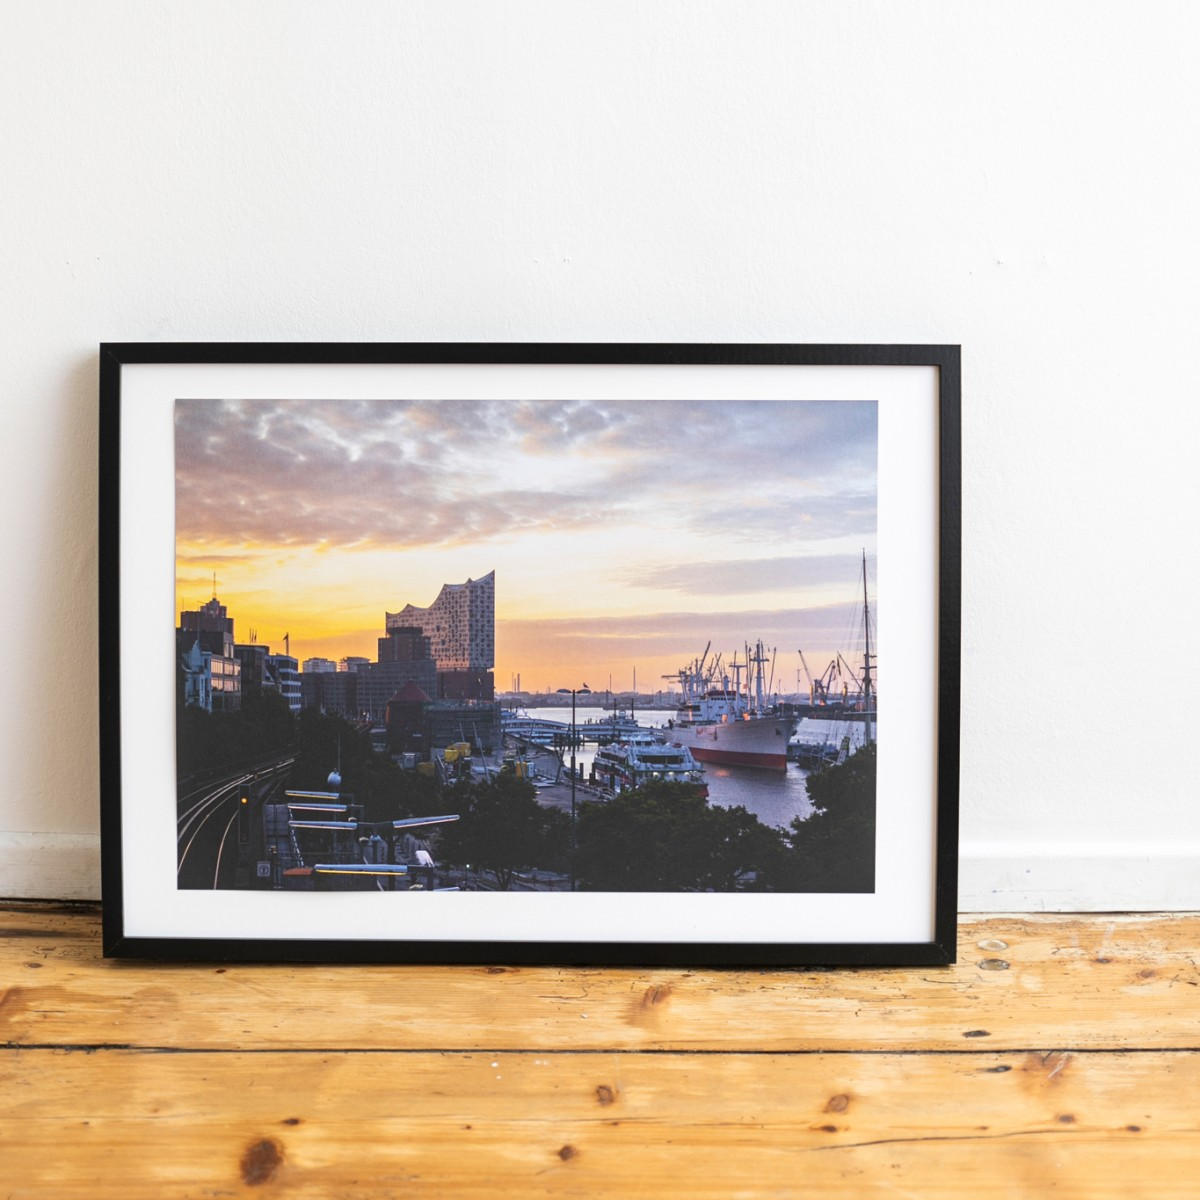 'U-Bahnhof Landungsbrücken' limitierter Fotodruck auf Naturpapier, DIN A2, klimaneutral gedruckt / Ankerwechsel Verlag